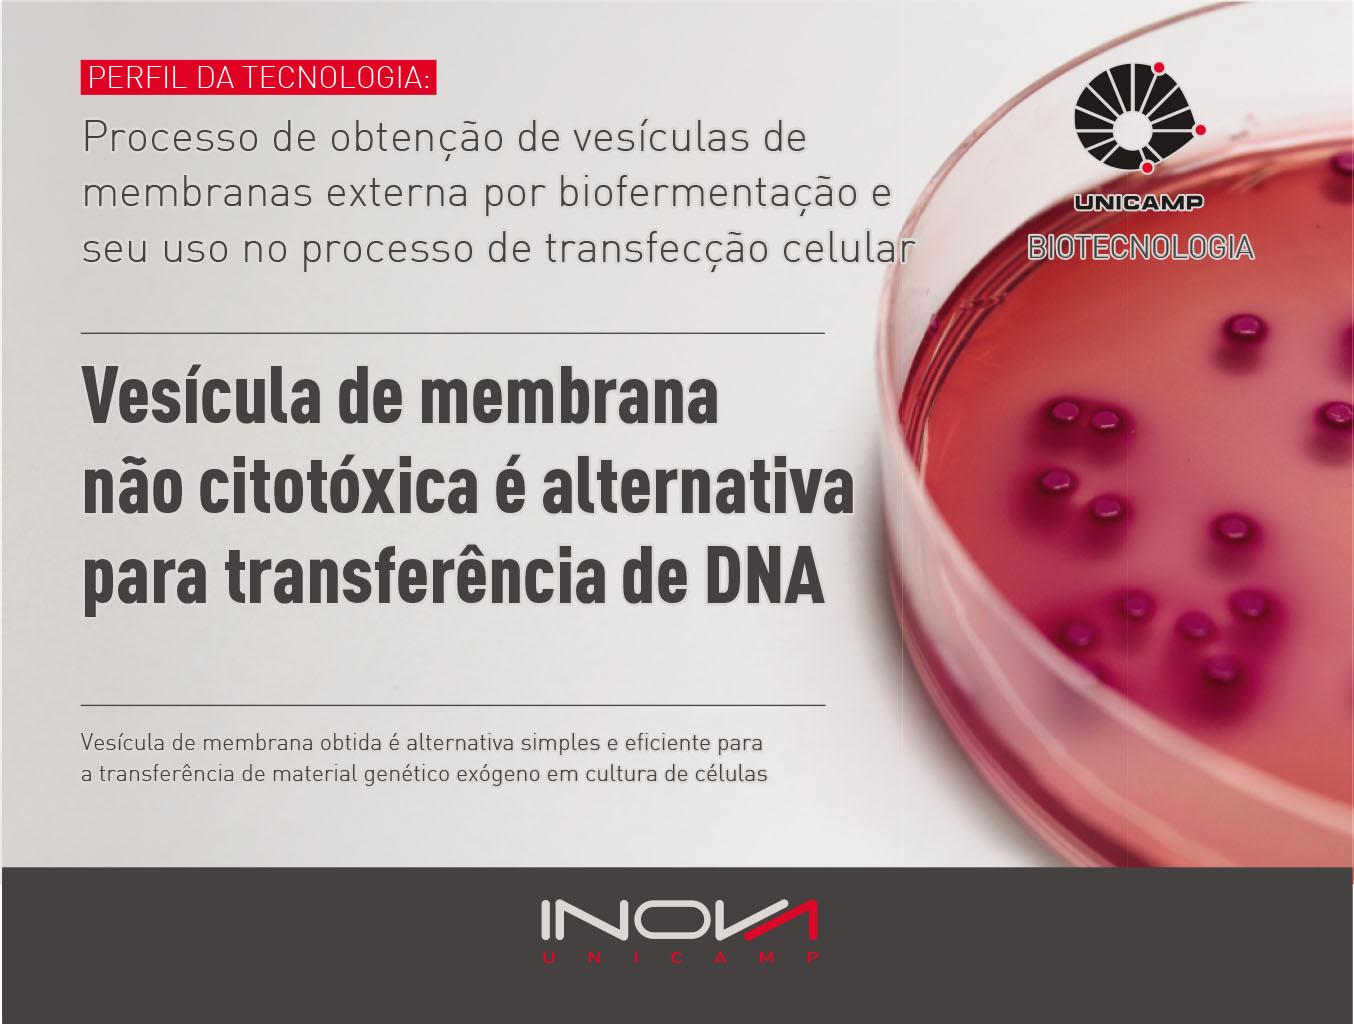 inova-unicamp-tecnologias-patentes-OMV254